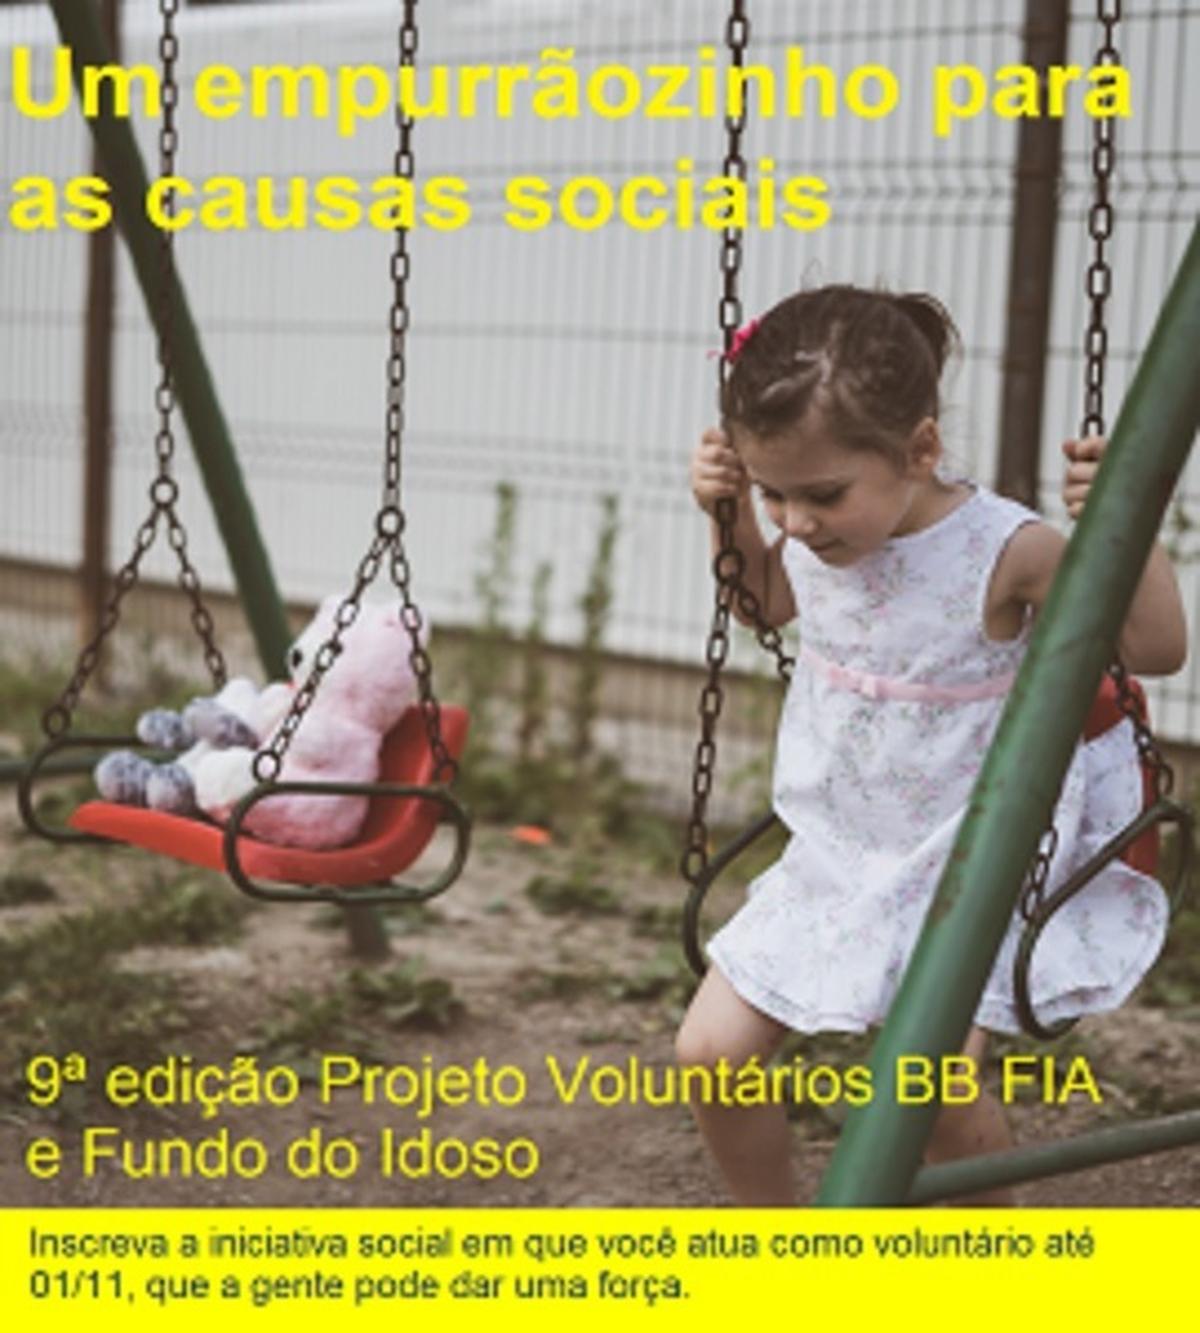 Projeto Voluntários BB FIA e Fundo do Idoso 2018